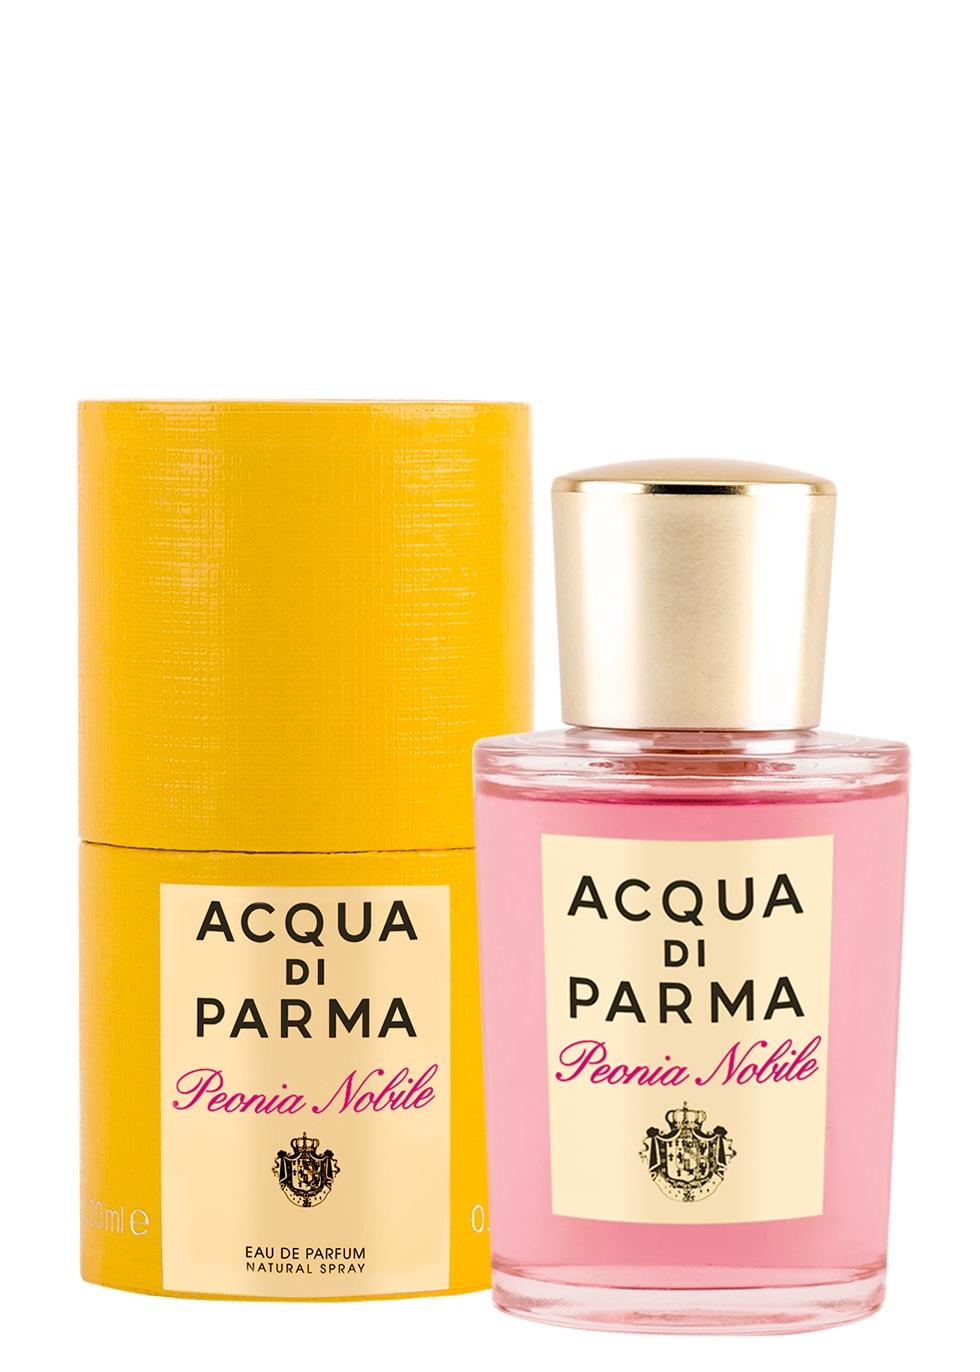 Peonia Nobile Eau De Parfum 20ml - Acqua di Parma